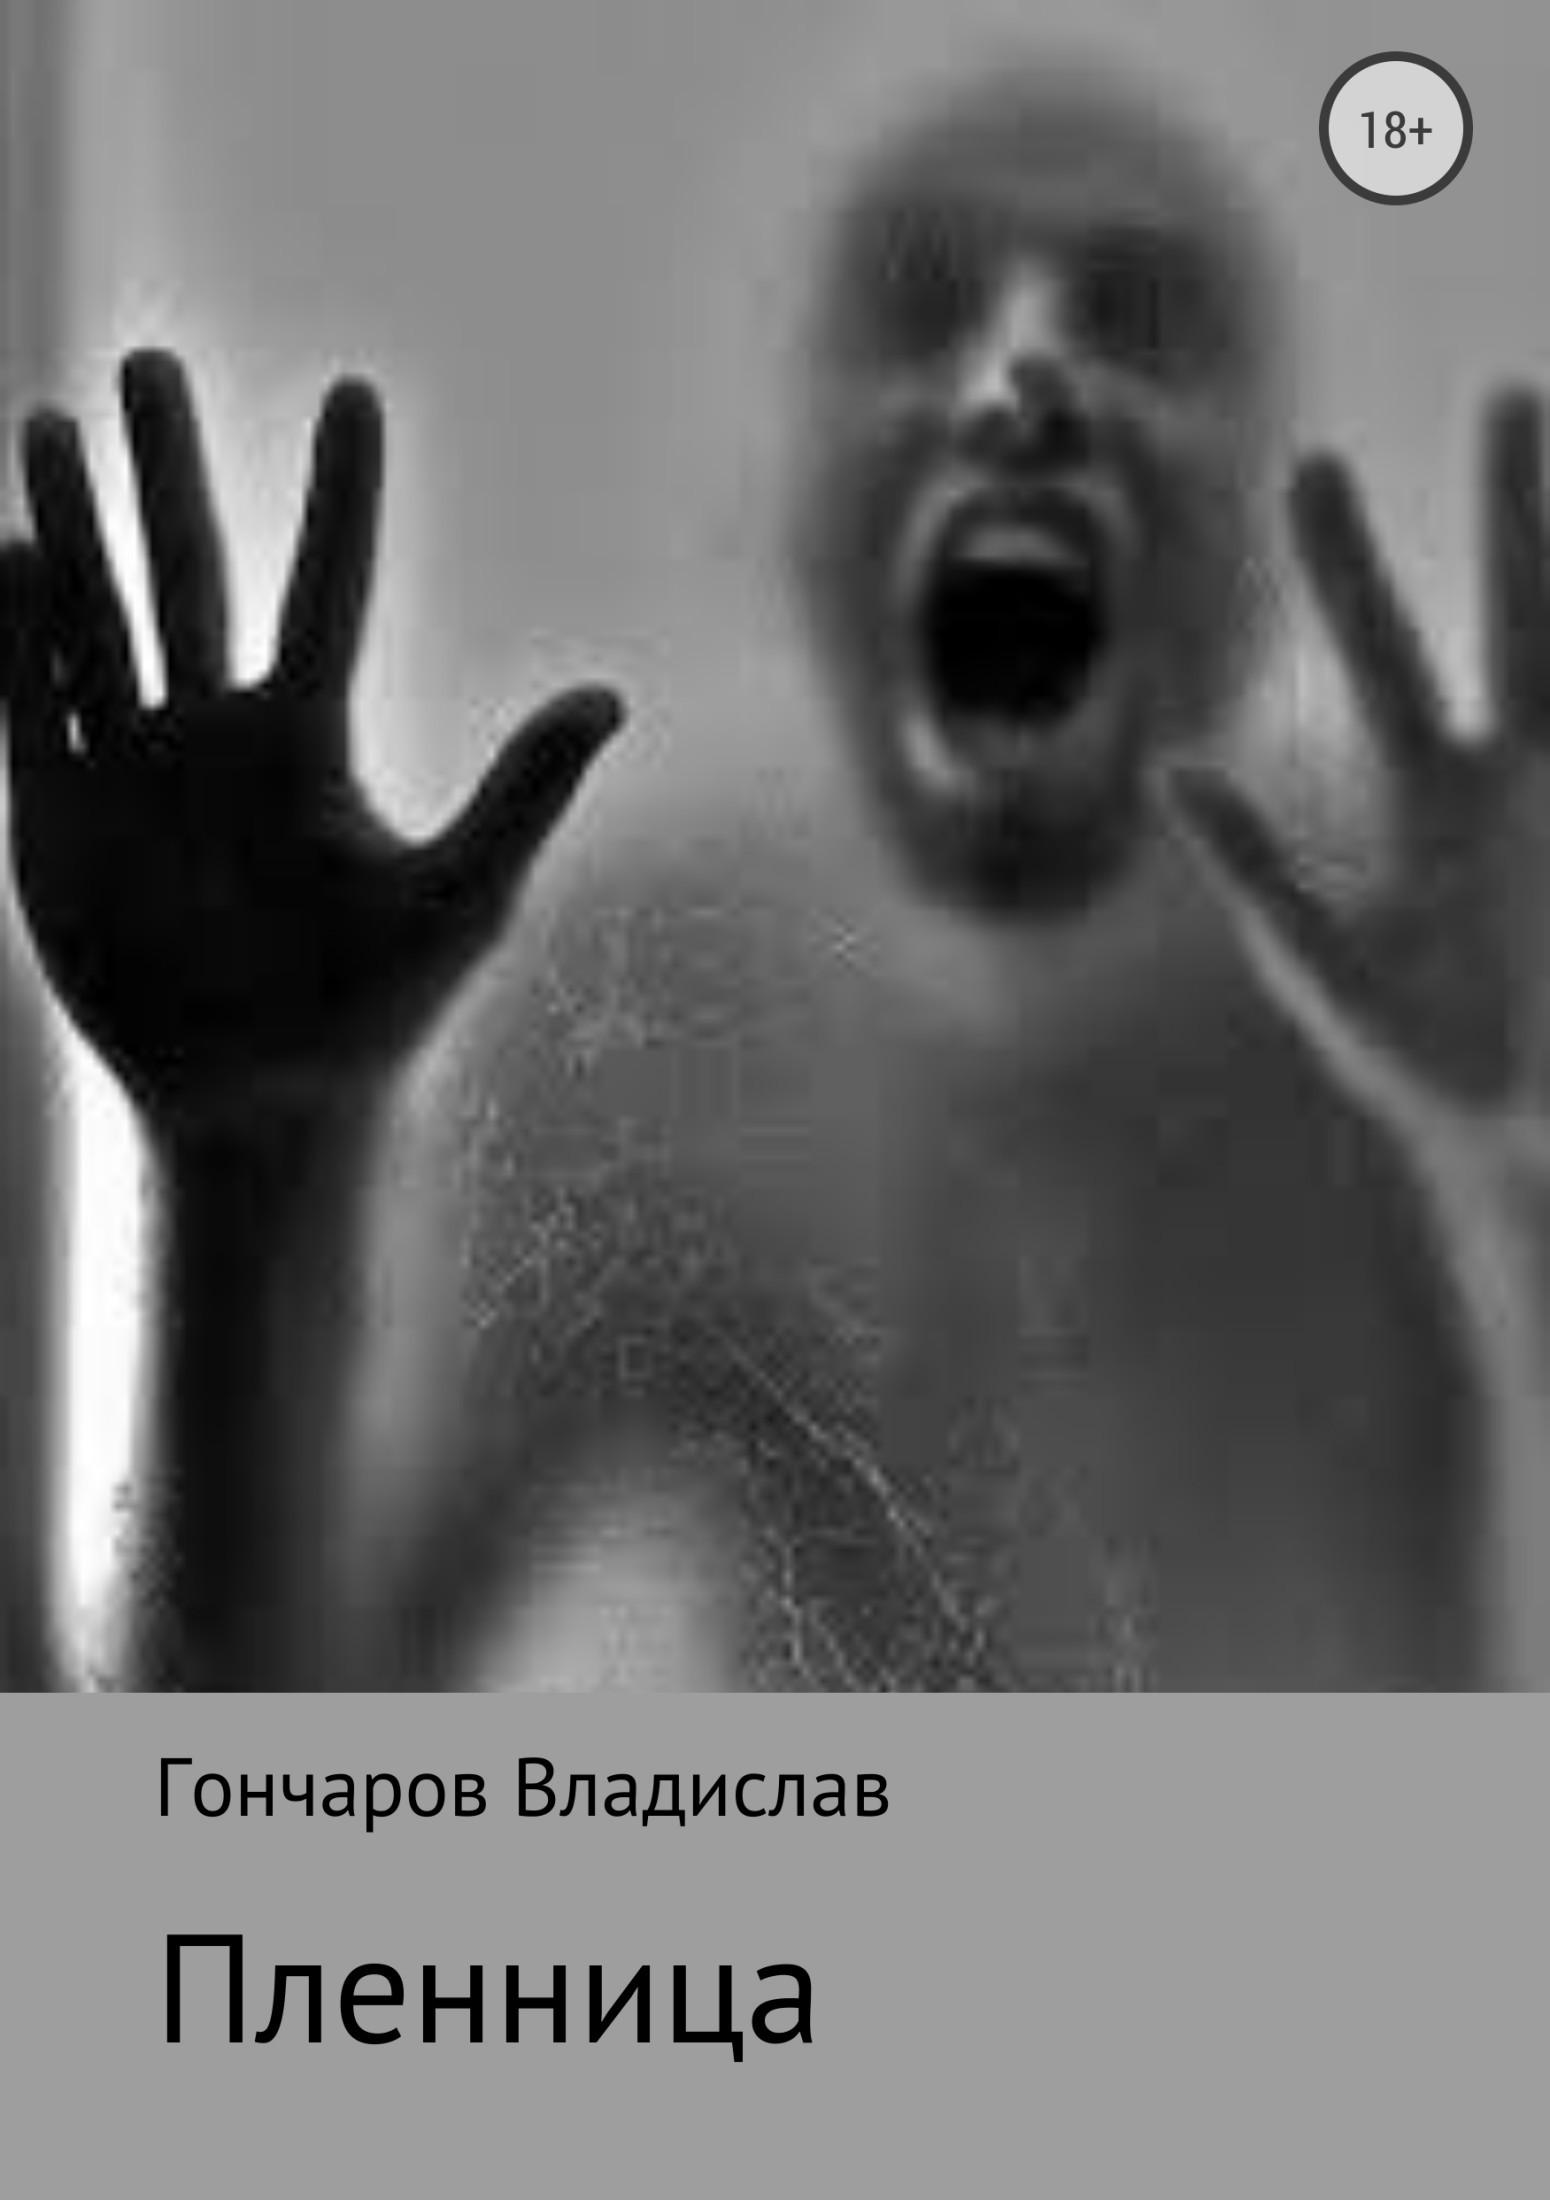 Владислав Владимирович Гончаров Пленница артемов владислав владимирович художники и архитекторы